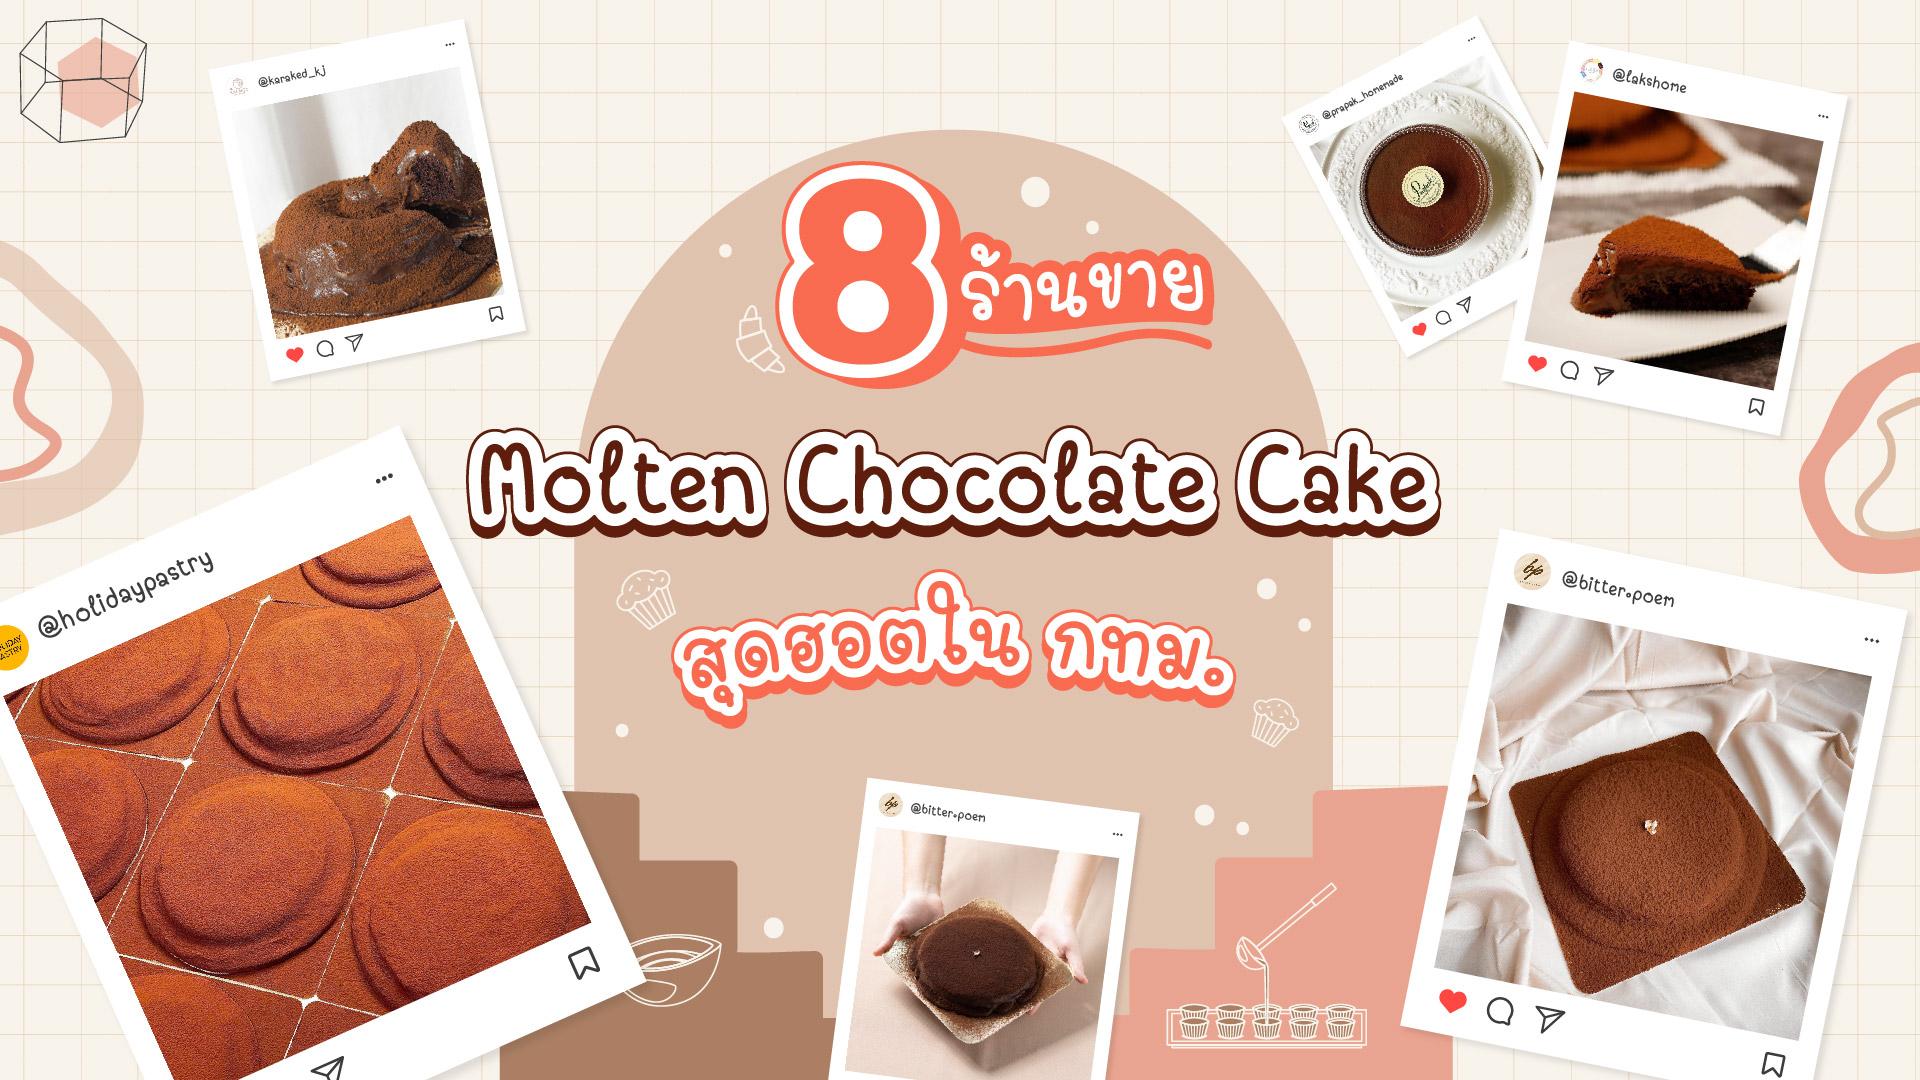 8ร้านขาย Molten chocolate-เค้ก-เค้กฝุ่นผงโกโก้-กรุงเทพ